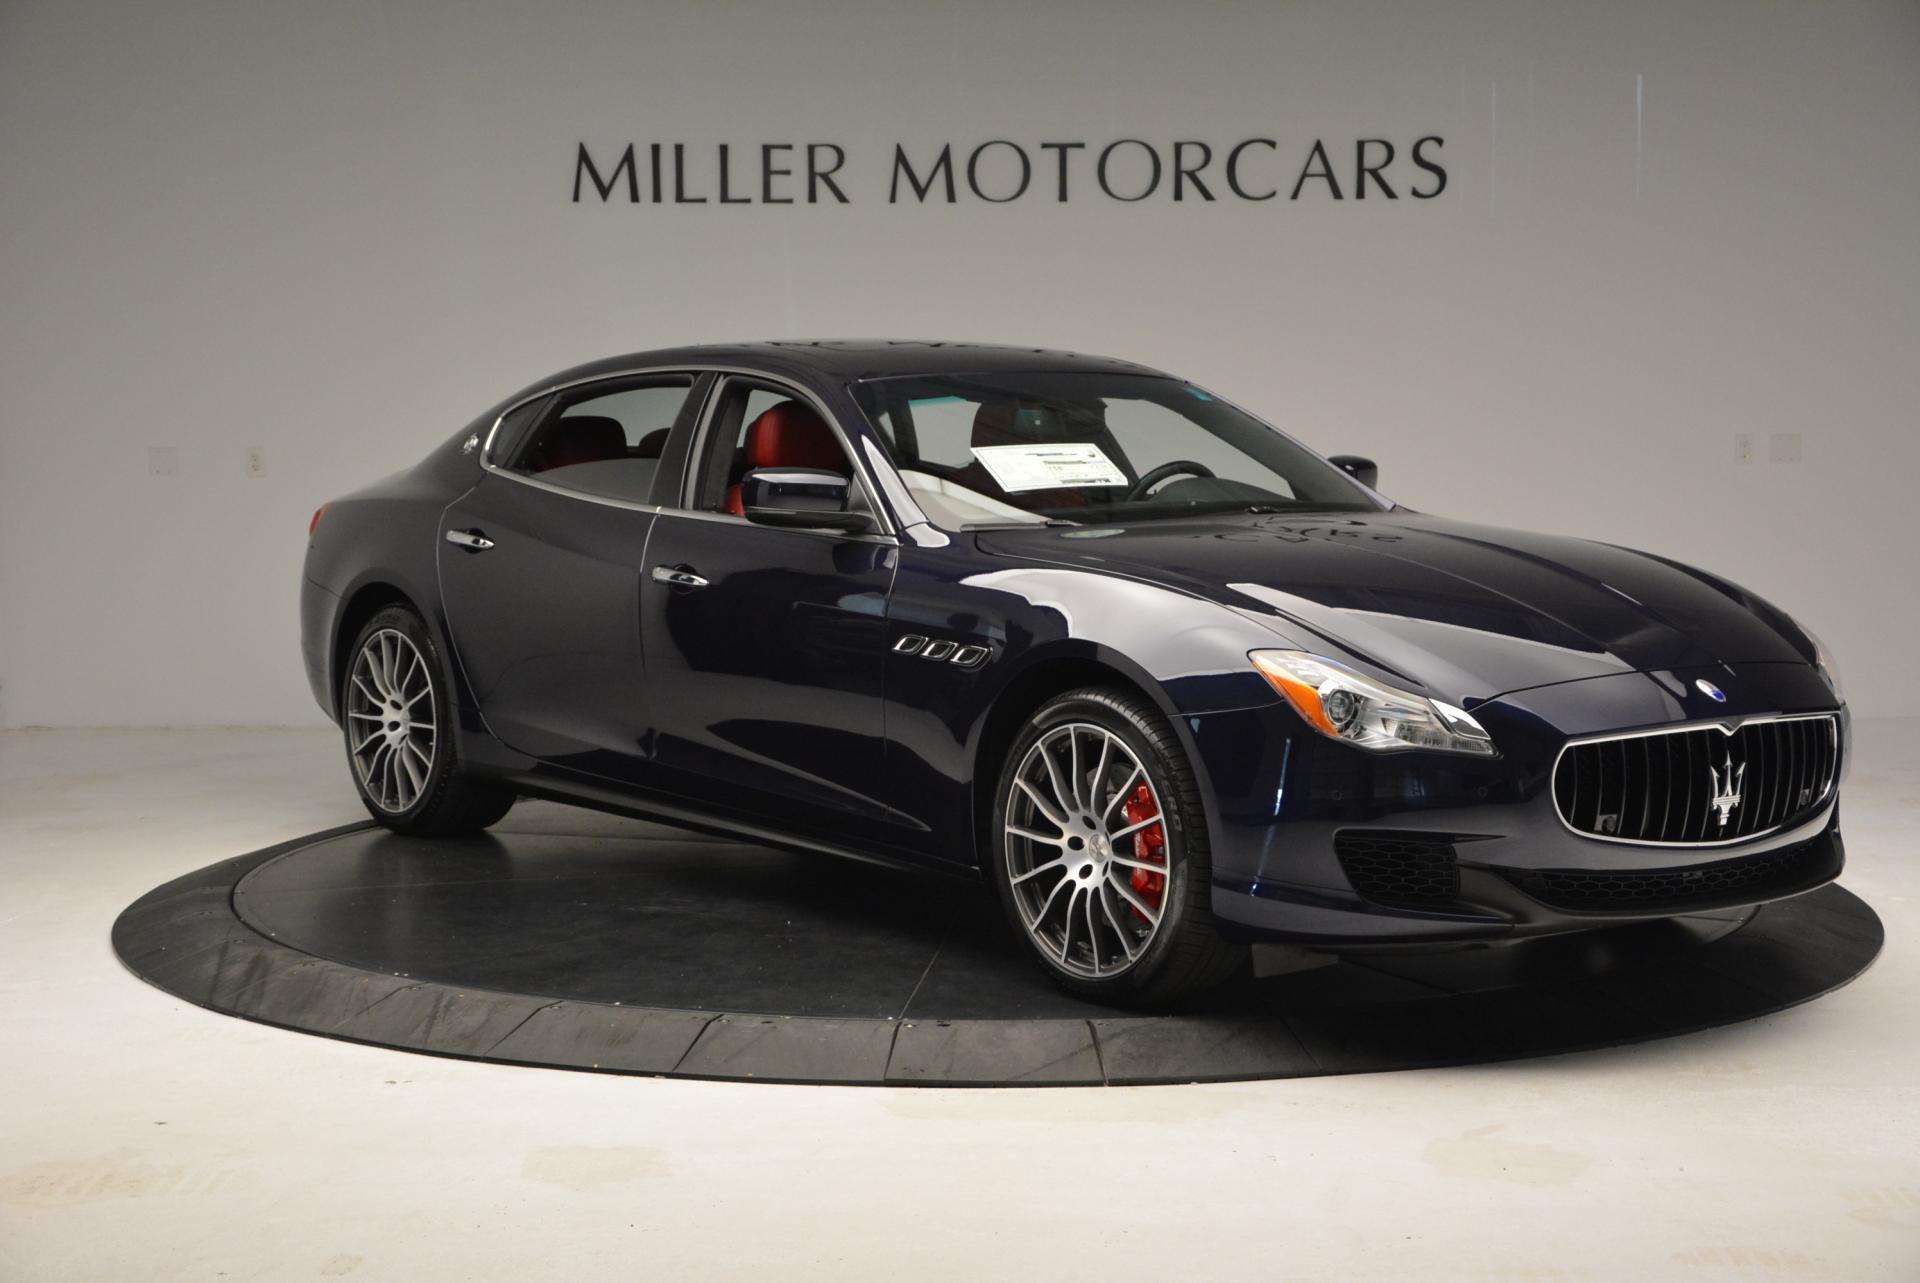 New 2016 Maserati Quattroporte S Q4  *******      DEALER'S  DEMO For Sale In Greenwich, CT 185_p12